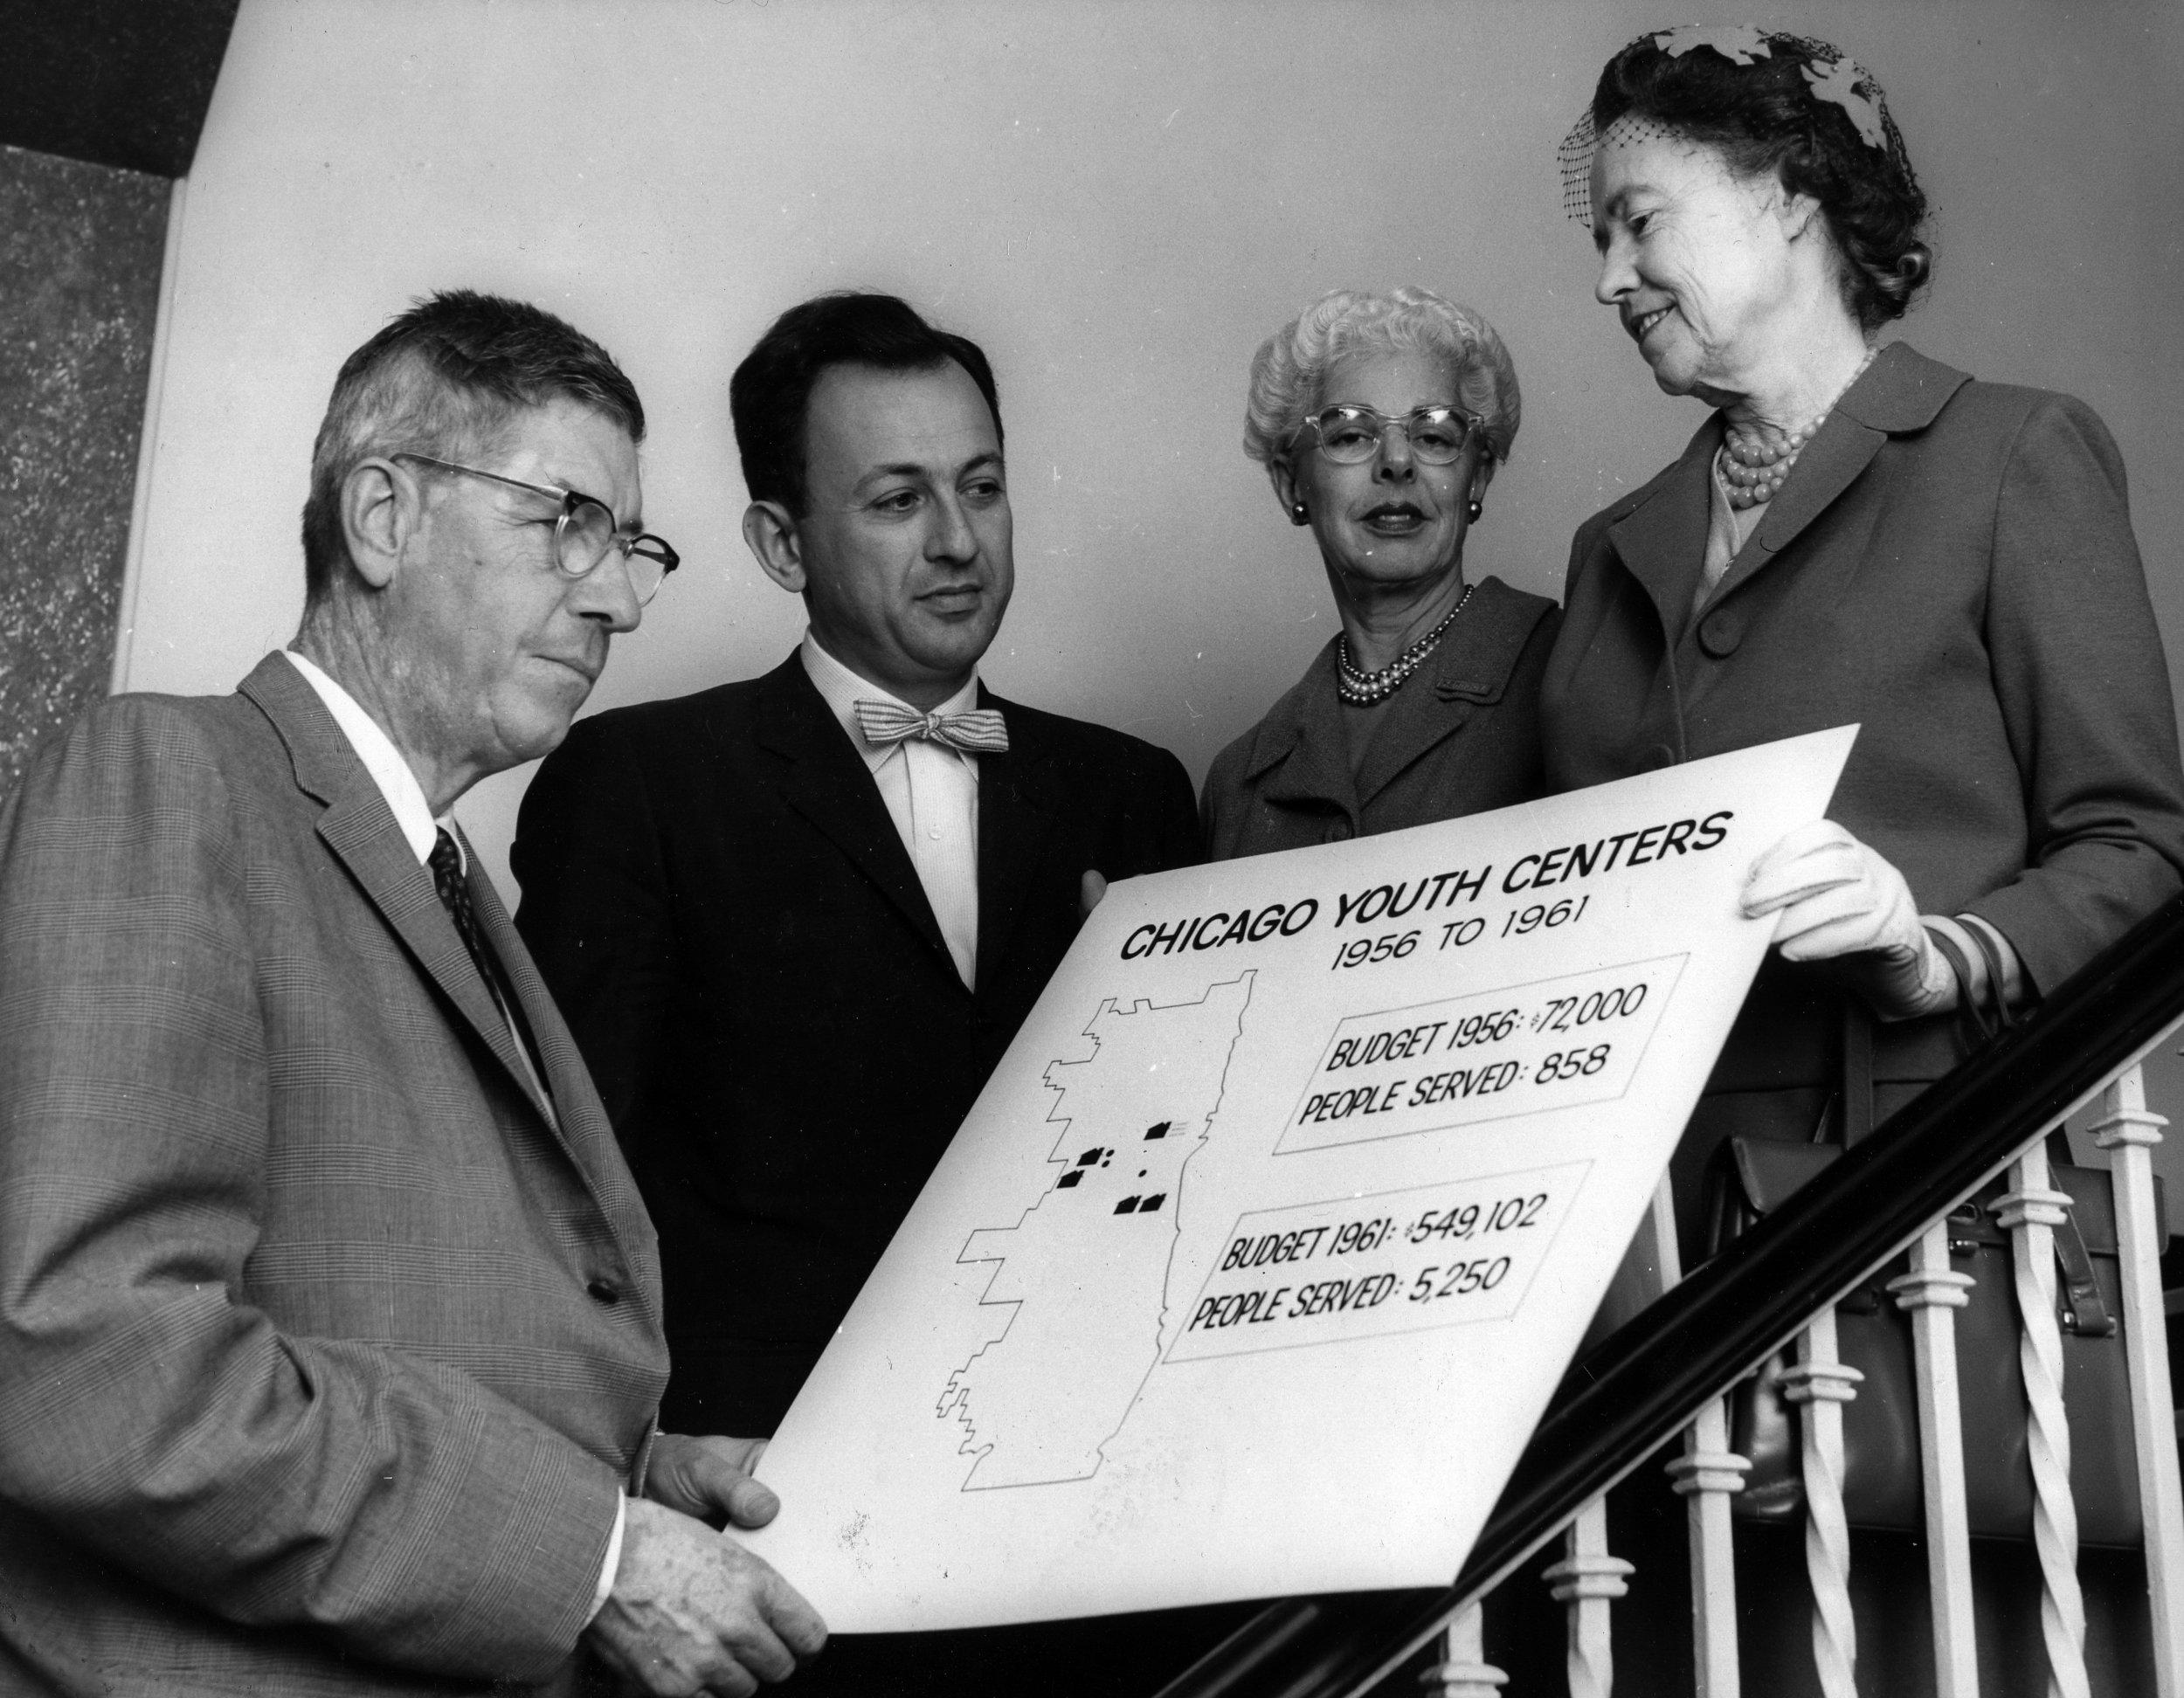 LEft to right: Elliott donnelley, sidney epstein, caroline wallerstein, and julia bowe in 1960.